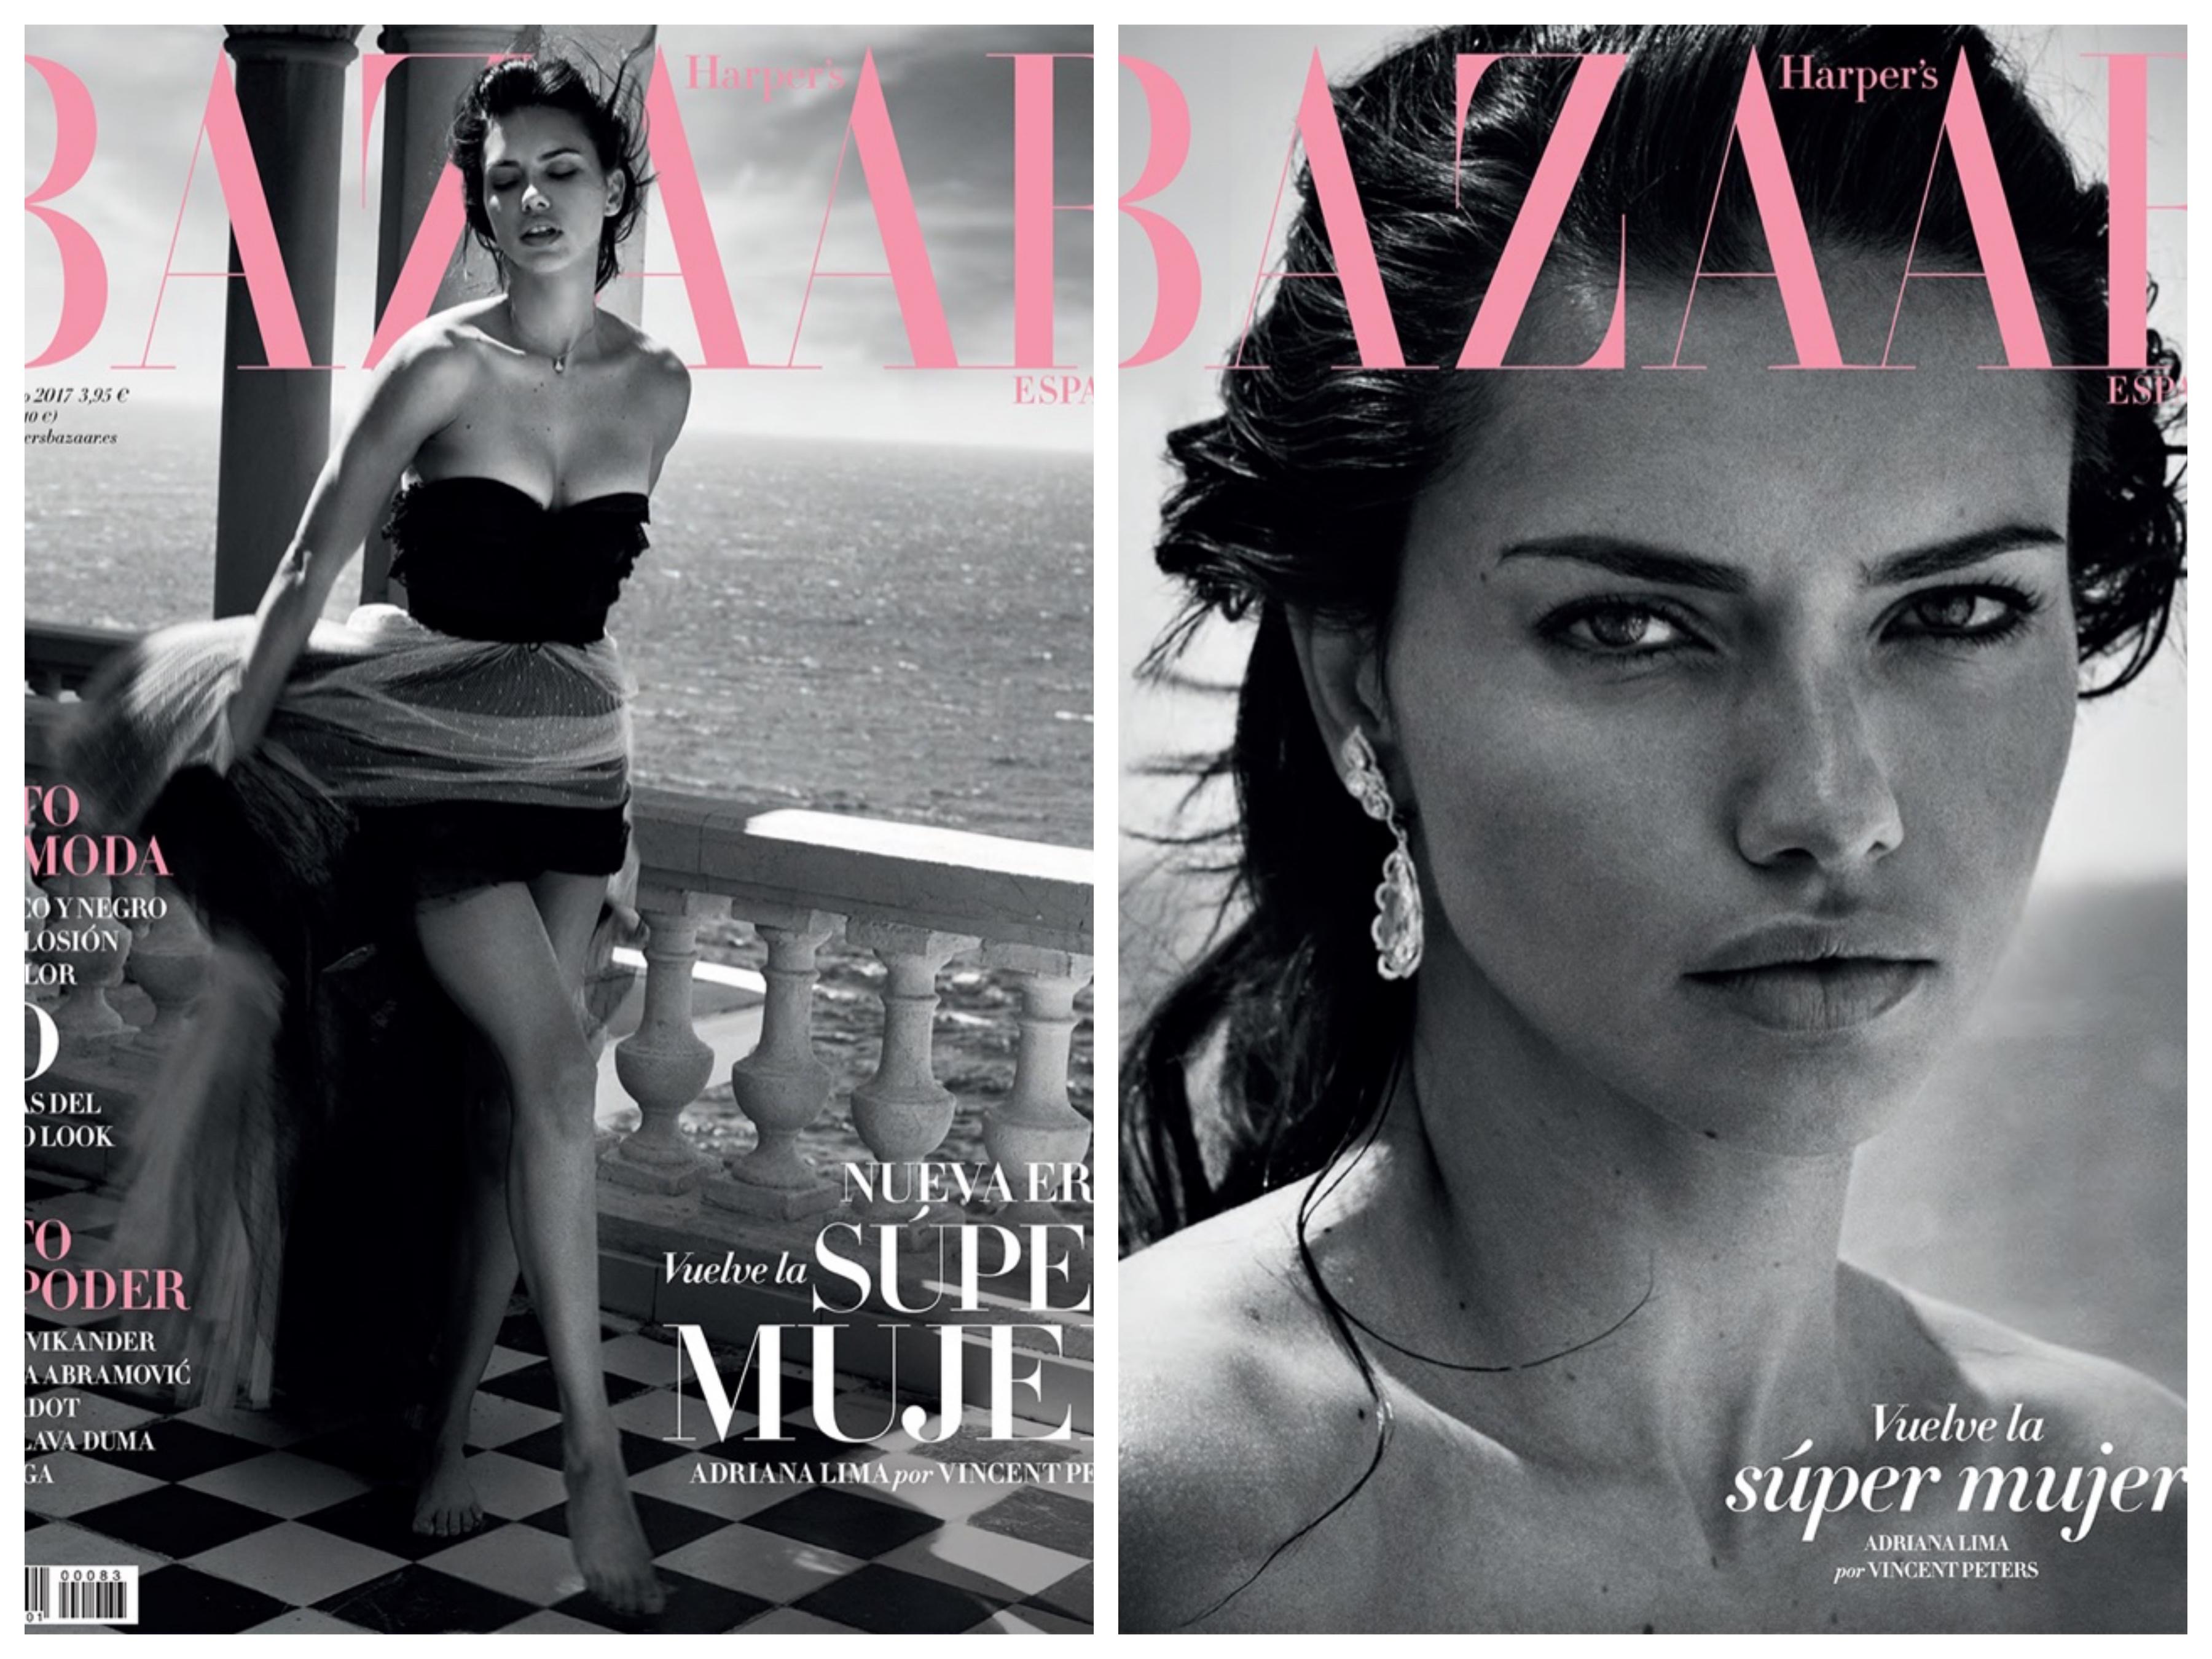 Olśniewająca Adriana Lima na okładce Harper's Bazaar Spain